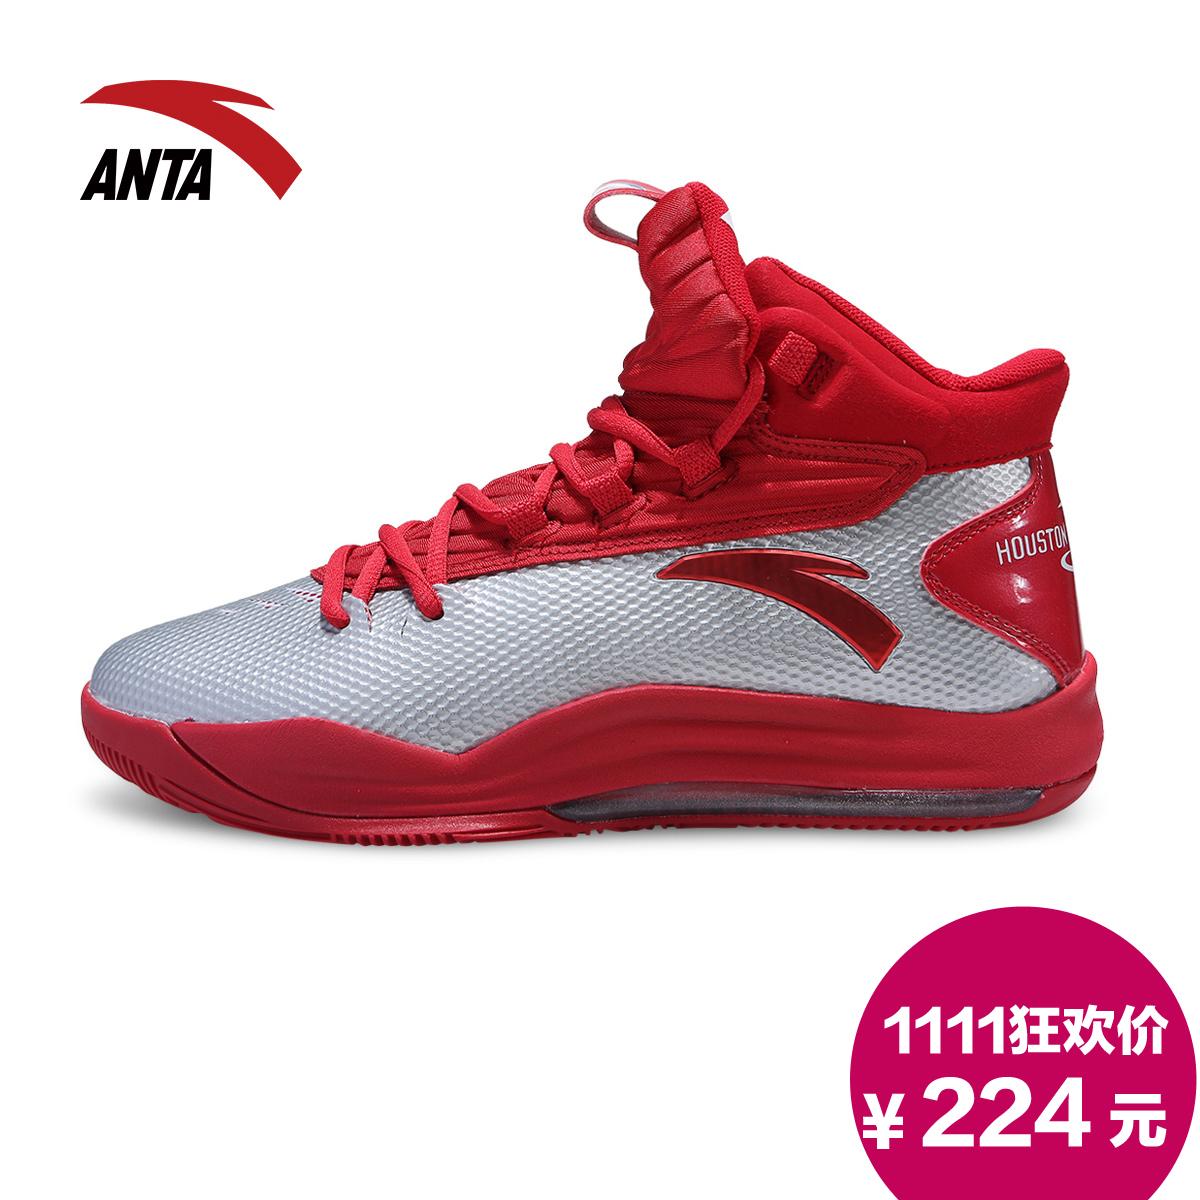 баскетбольные кроссовки Anta ANTA2014 NBA 11441310